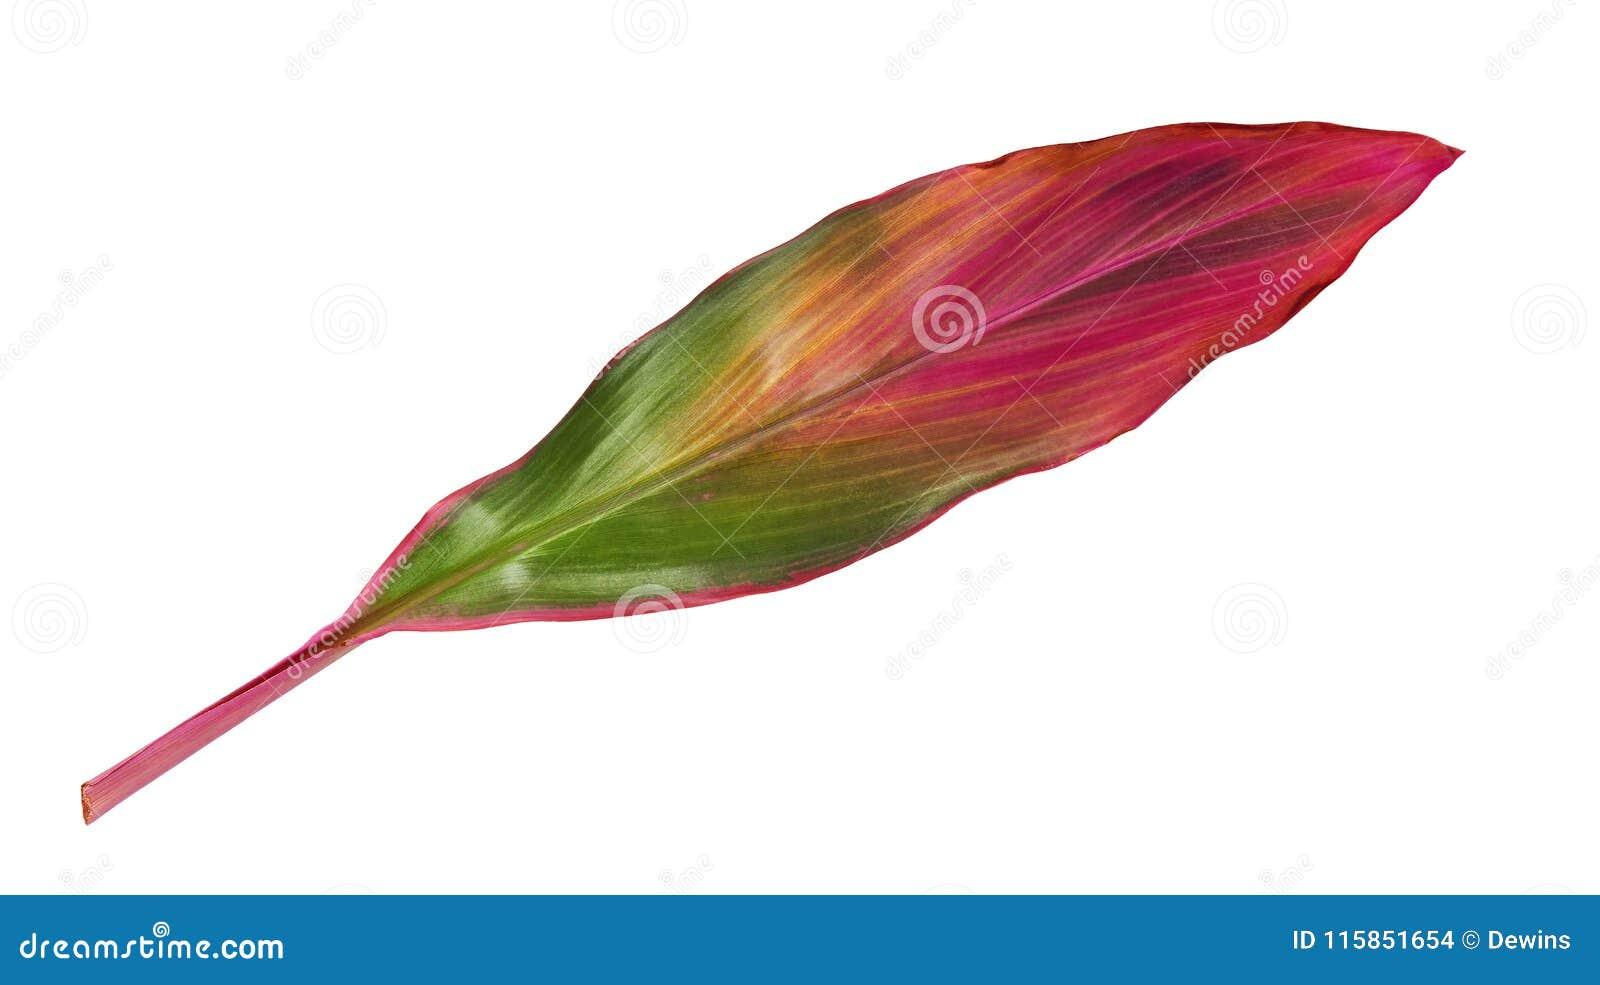 Planta do si ou de fruticosa do Cordyline folhas, folha colorida, folha tropical exótica, isolada no fundo branco com trajeto de